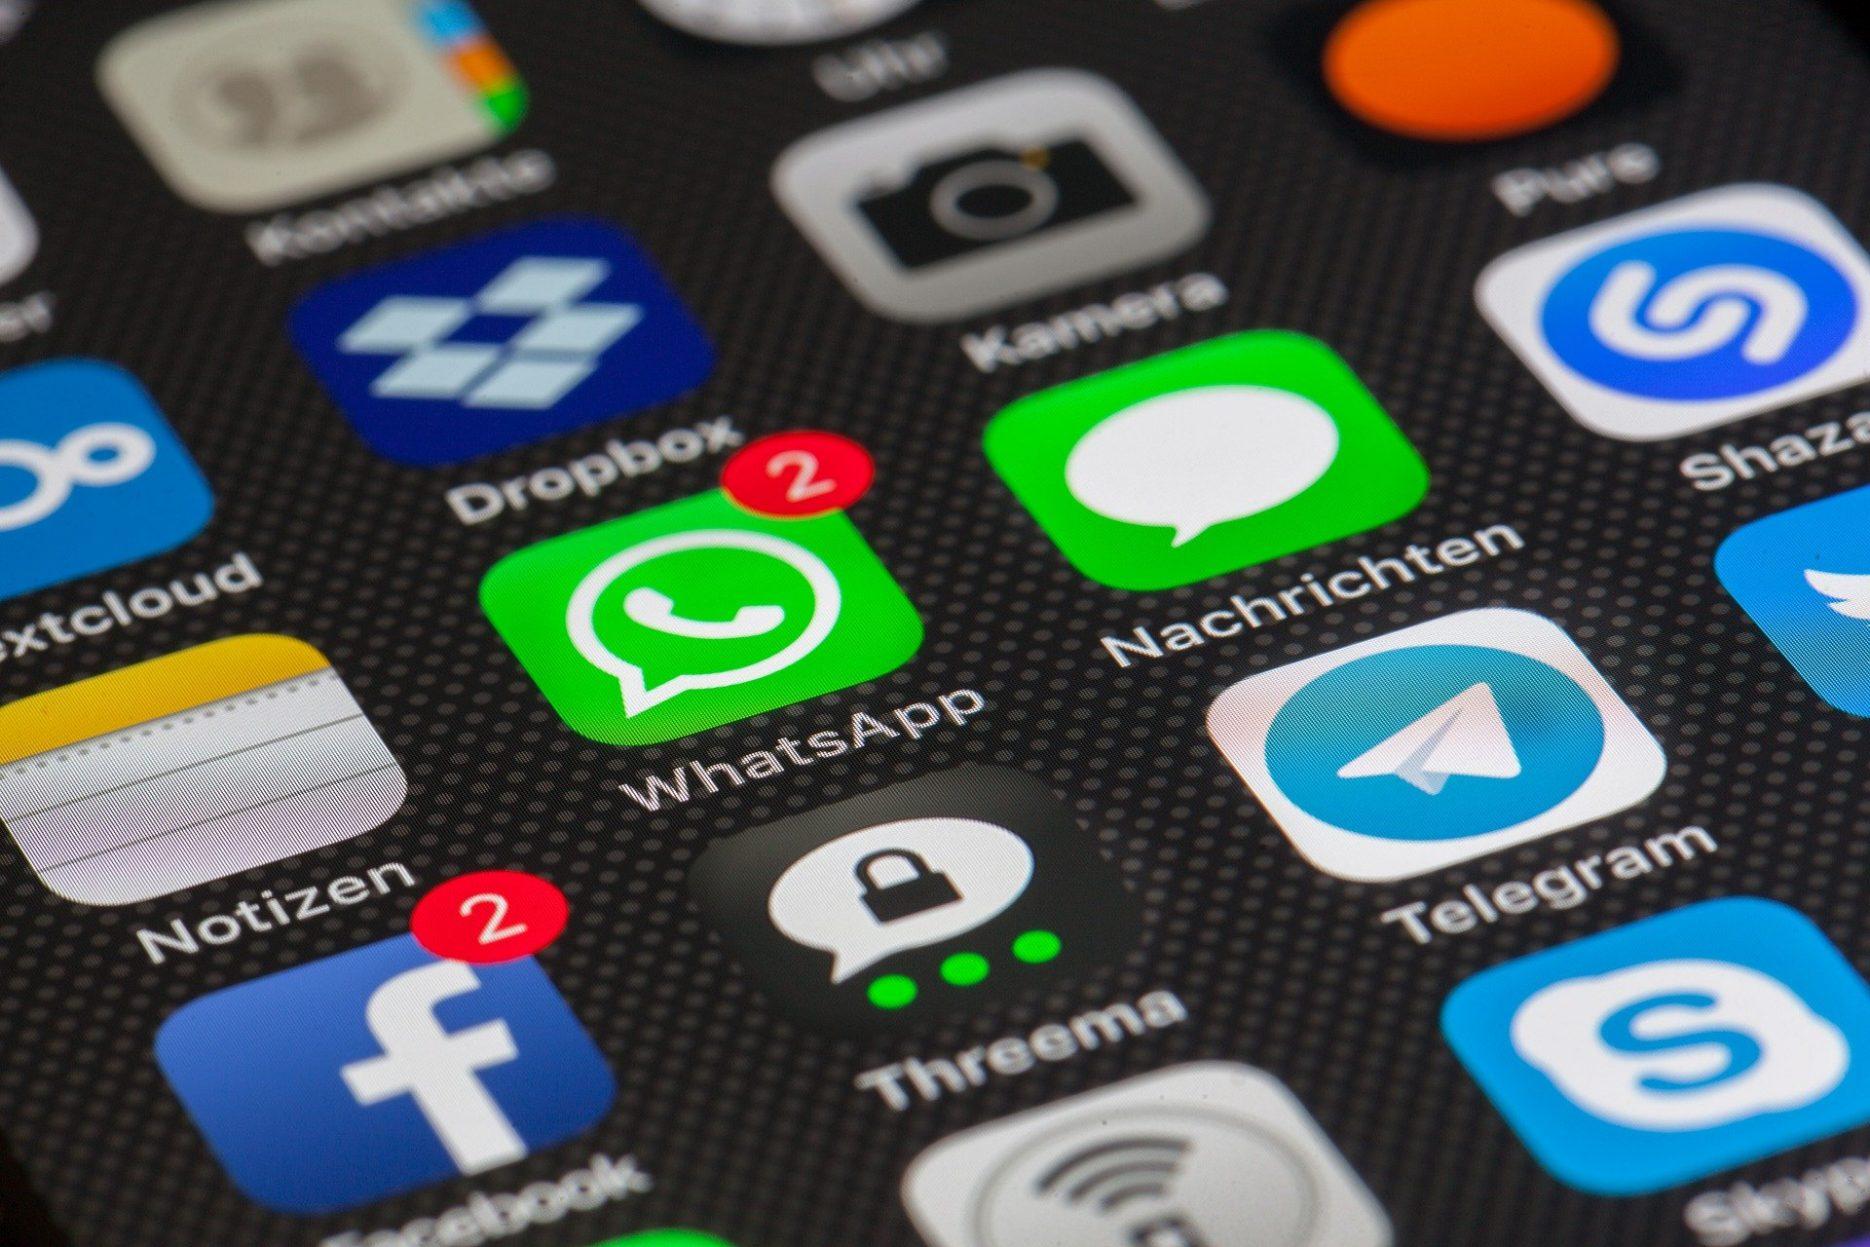 Auf dem Bild ist eine Smartphone-Oberfläche mit verschiedenen Apps abgebildet.